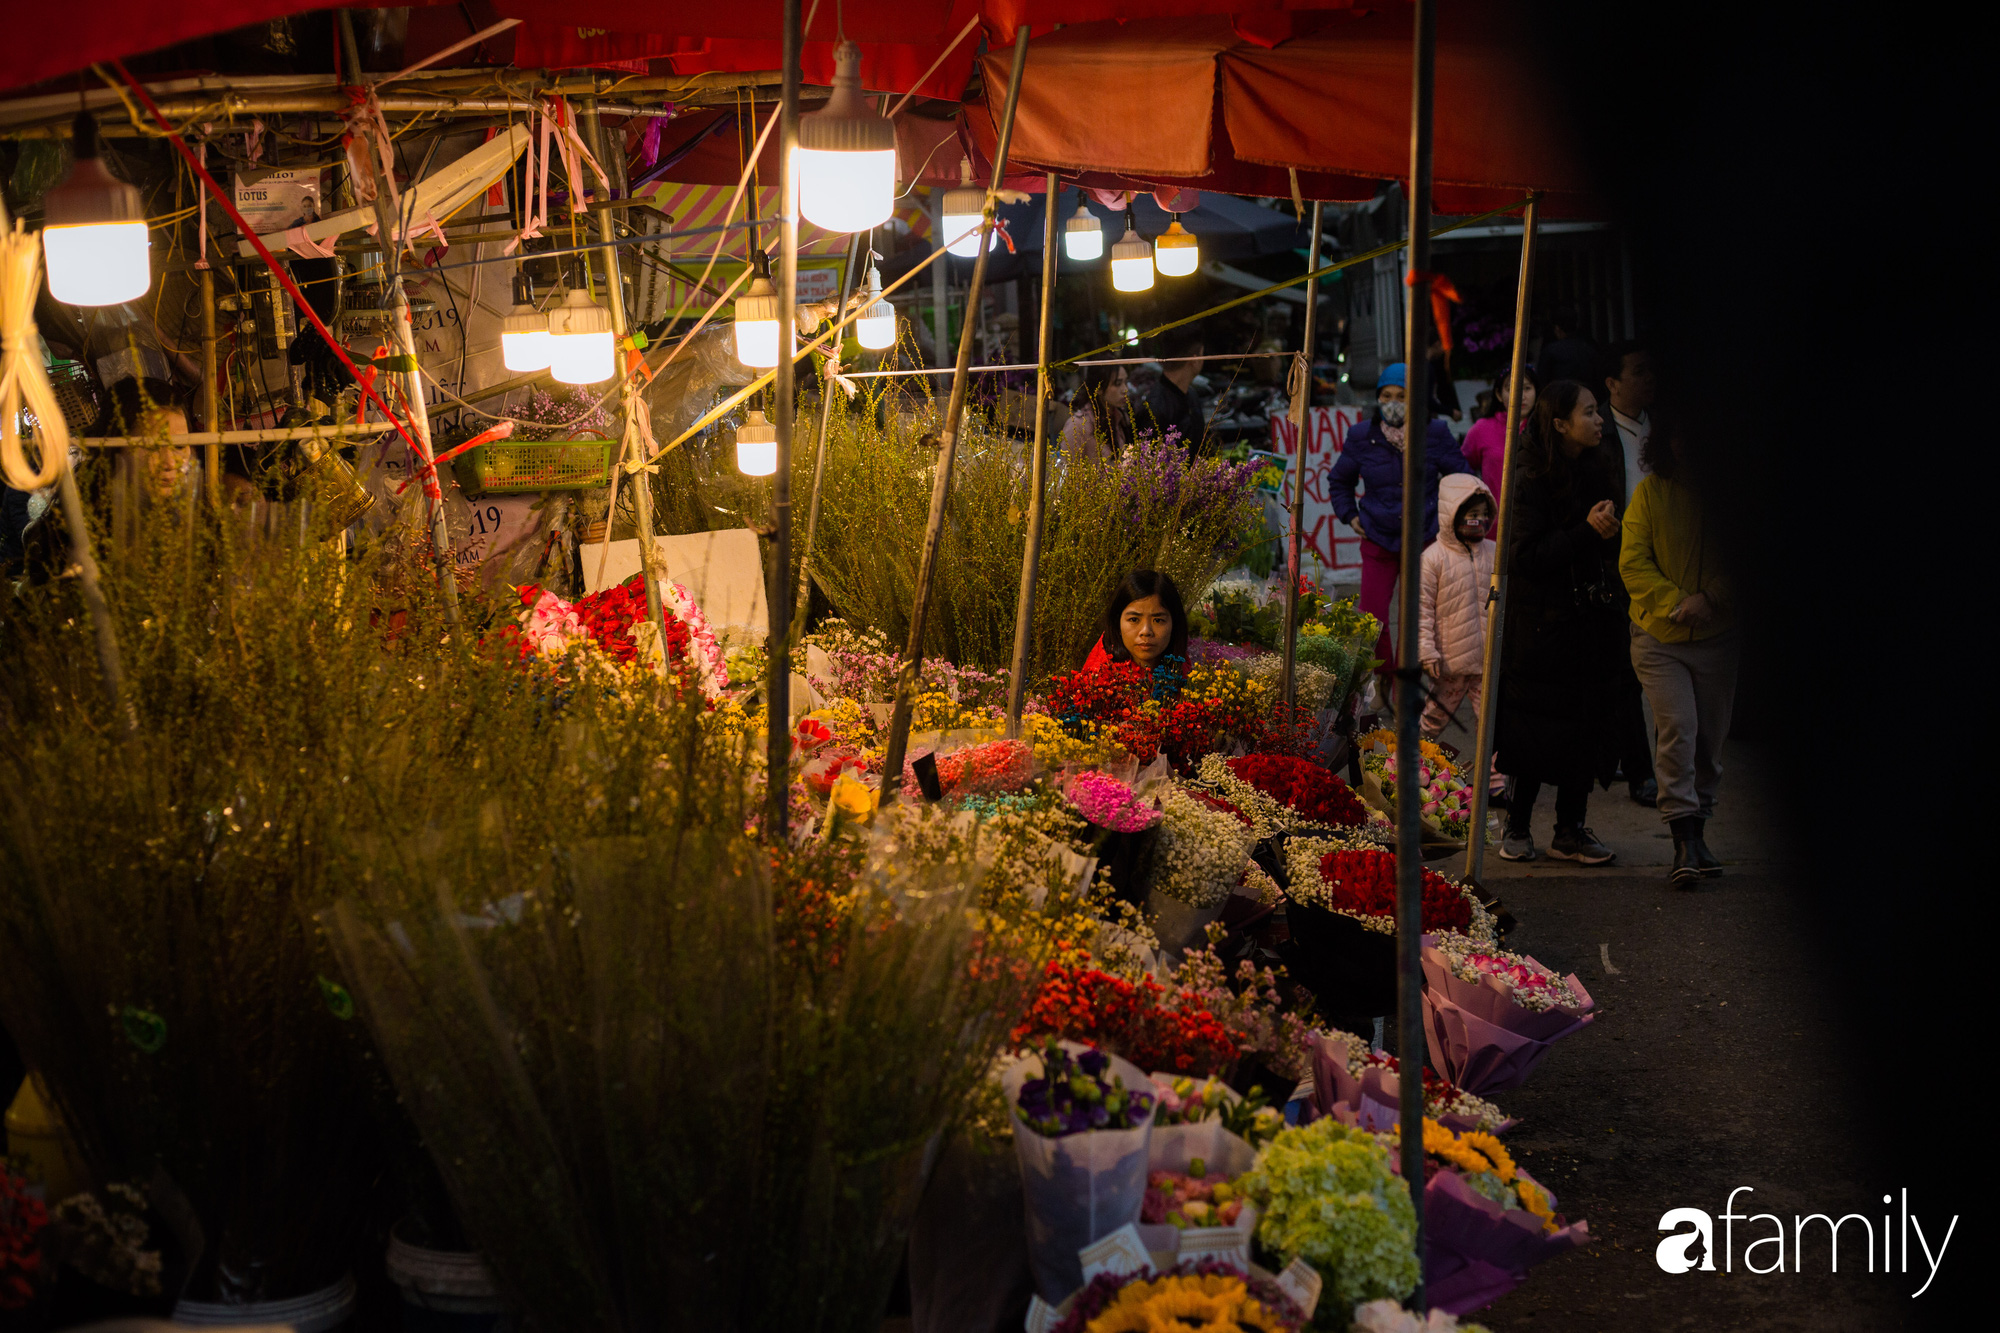 Những khoảnh khắc bình dị ngày cuối năm ở chợ hoa Quảng An, dù lạnh thấu xương nhưng người Hà Nội vẫn nô nức sắm hoa chơi Tết - Ảnh 1.